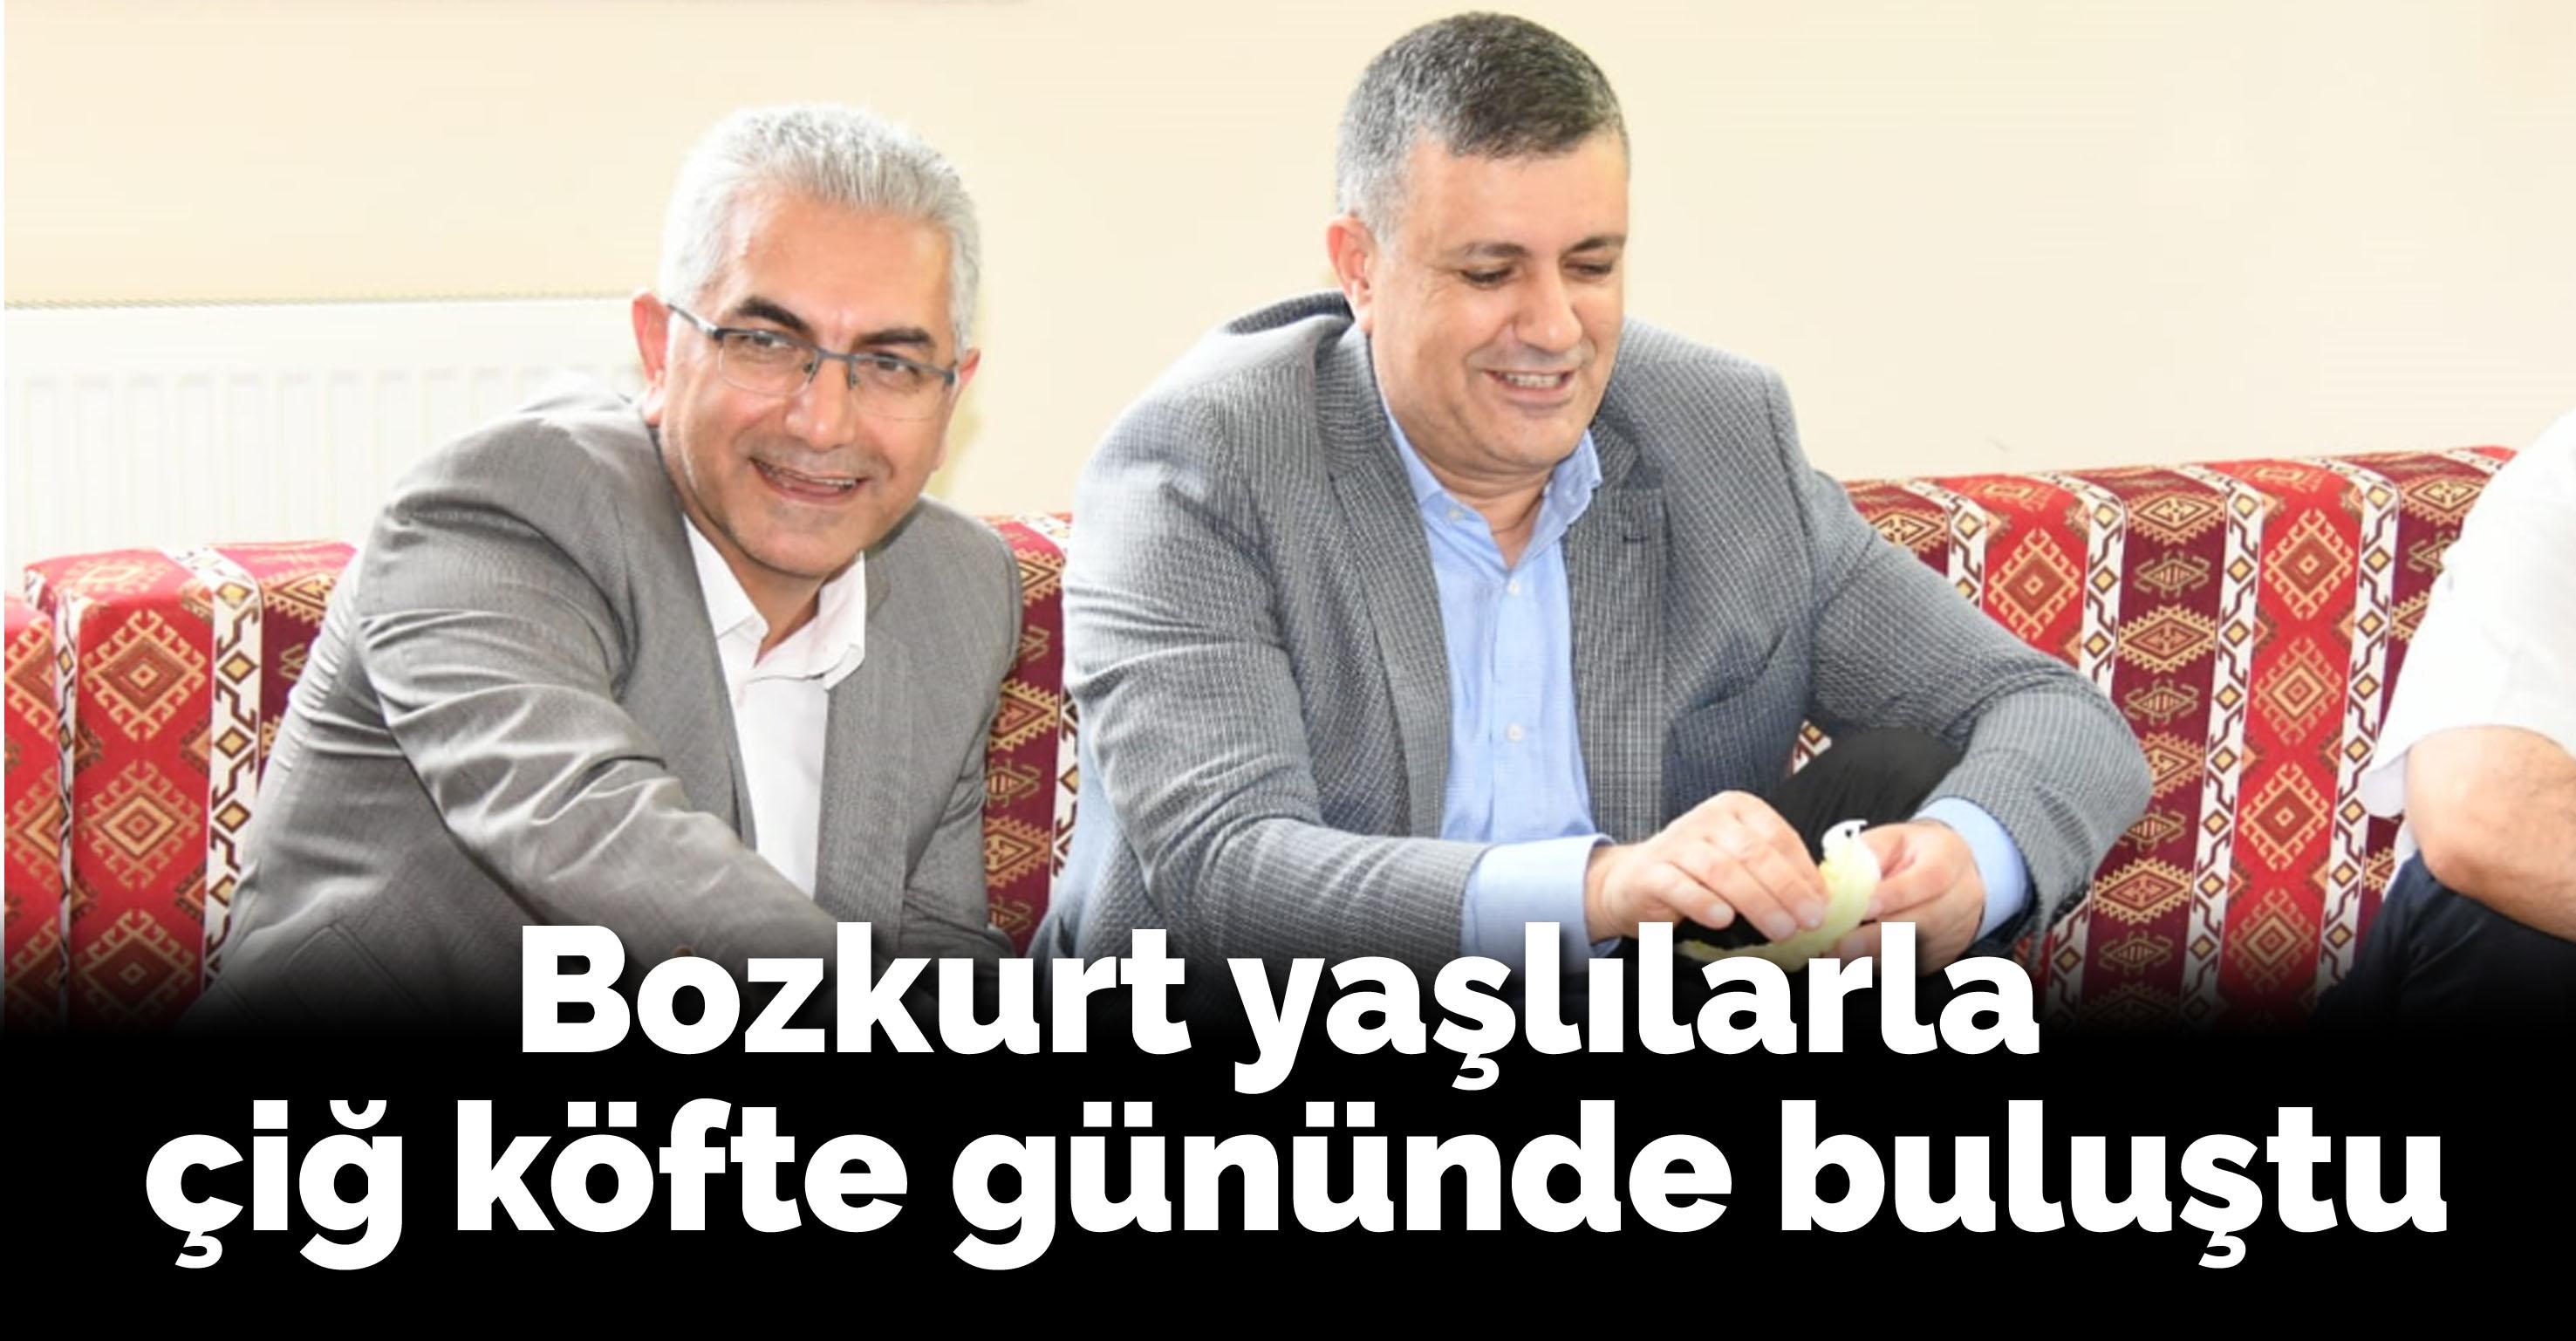 Başkan Bozkurt yaşlılarla çiğ köfte gününde buluştu